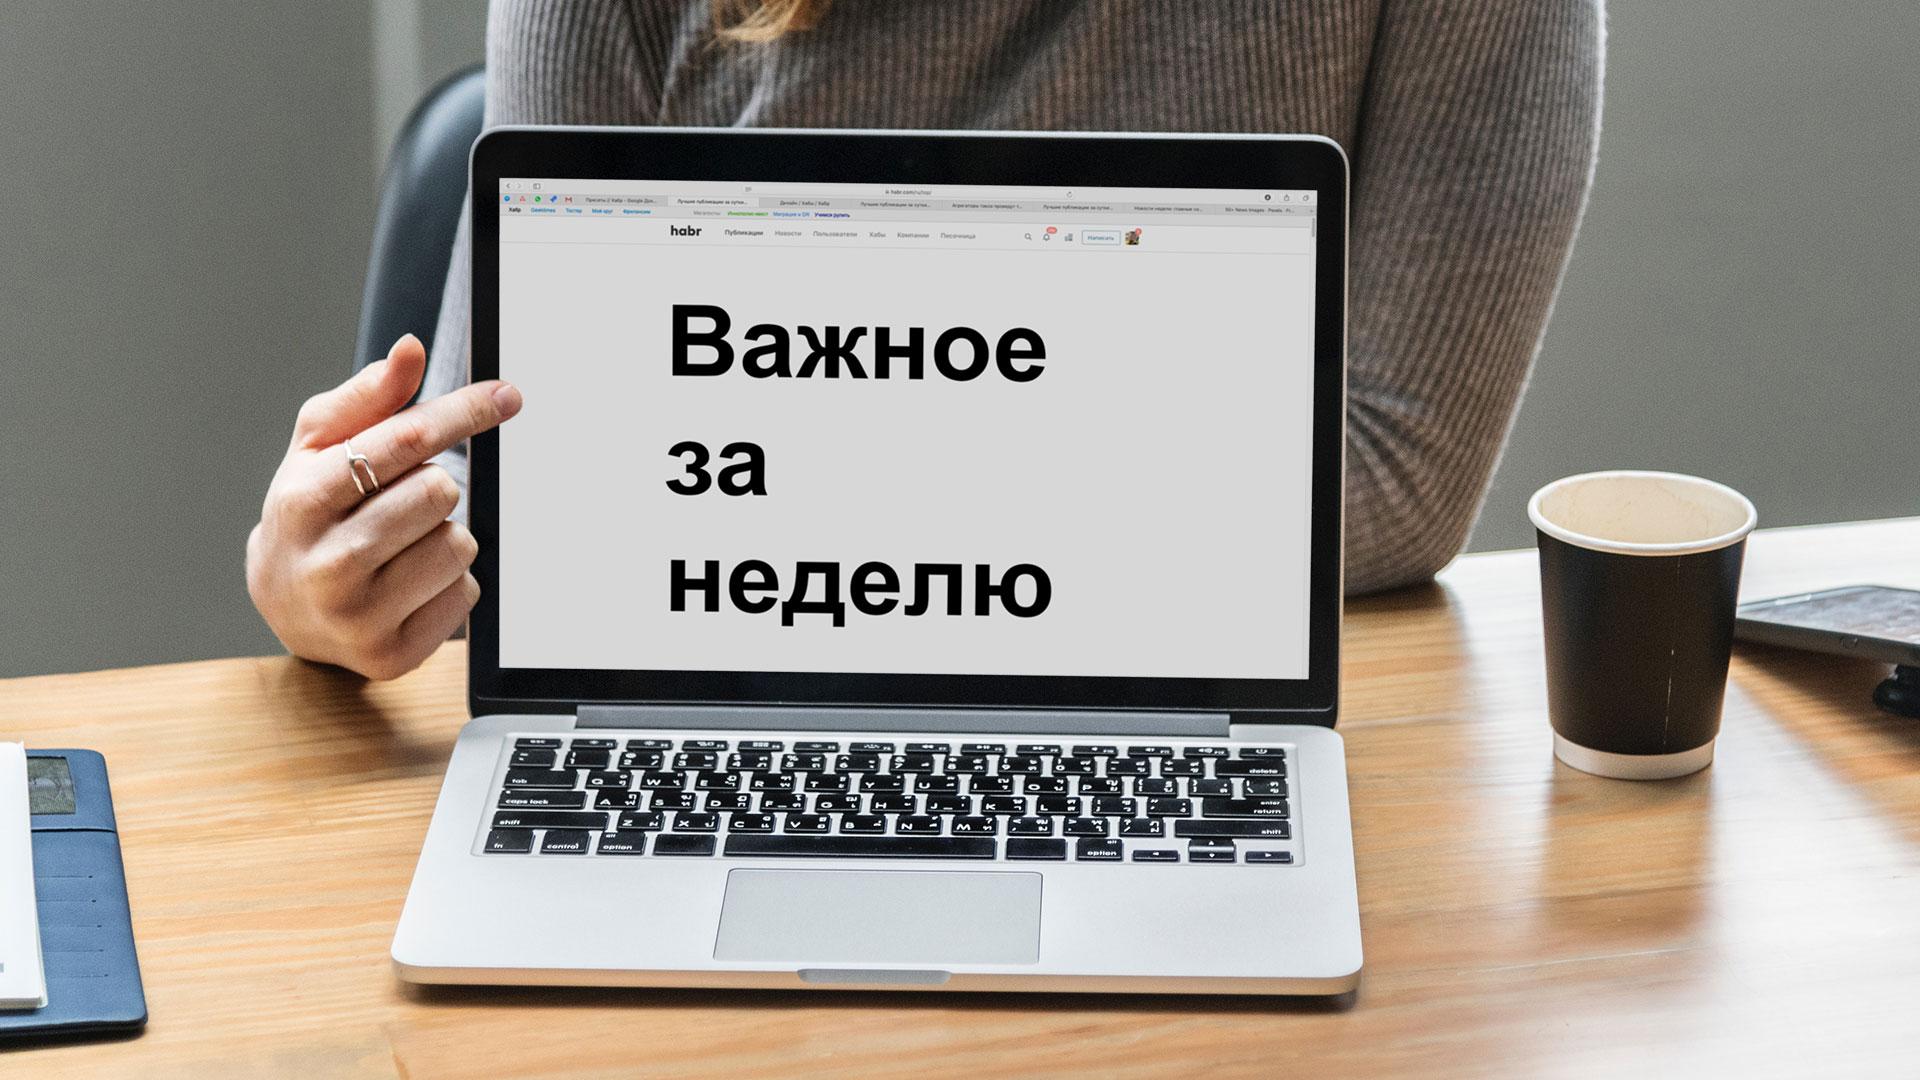 Новости недели: Центр управления автономным Рунетом, биткоин на отметке $8000, уязвимость в процессорах Intel - 1